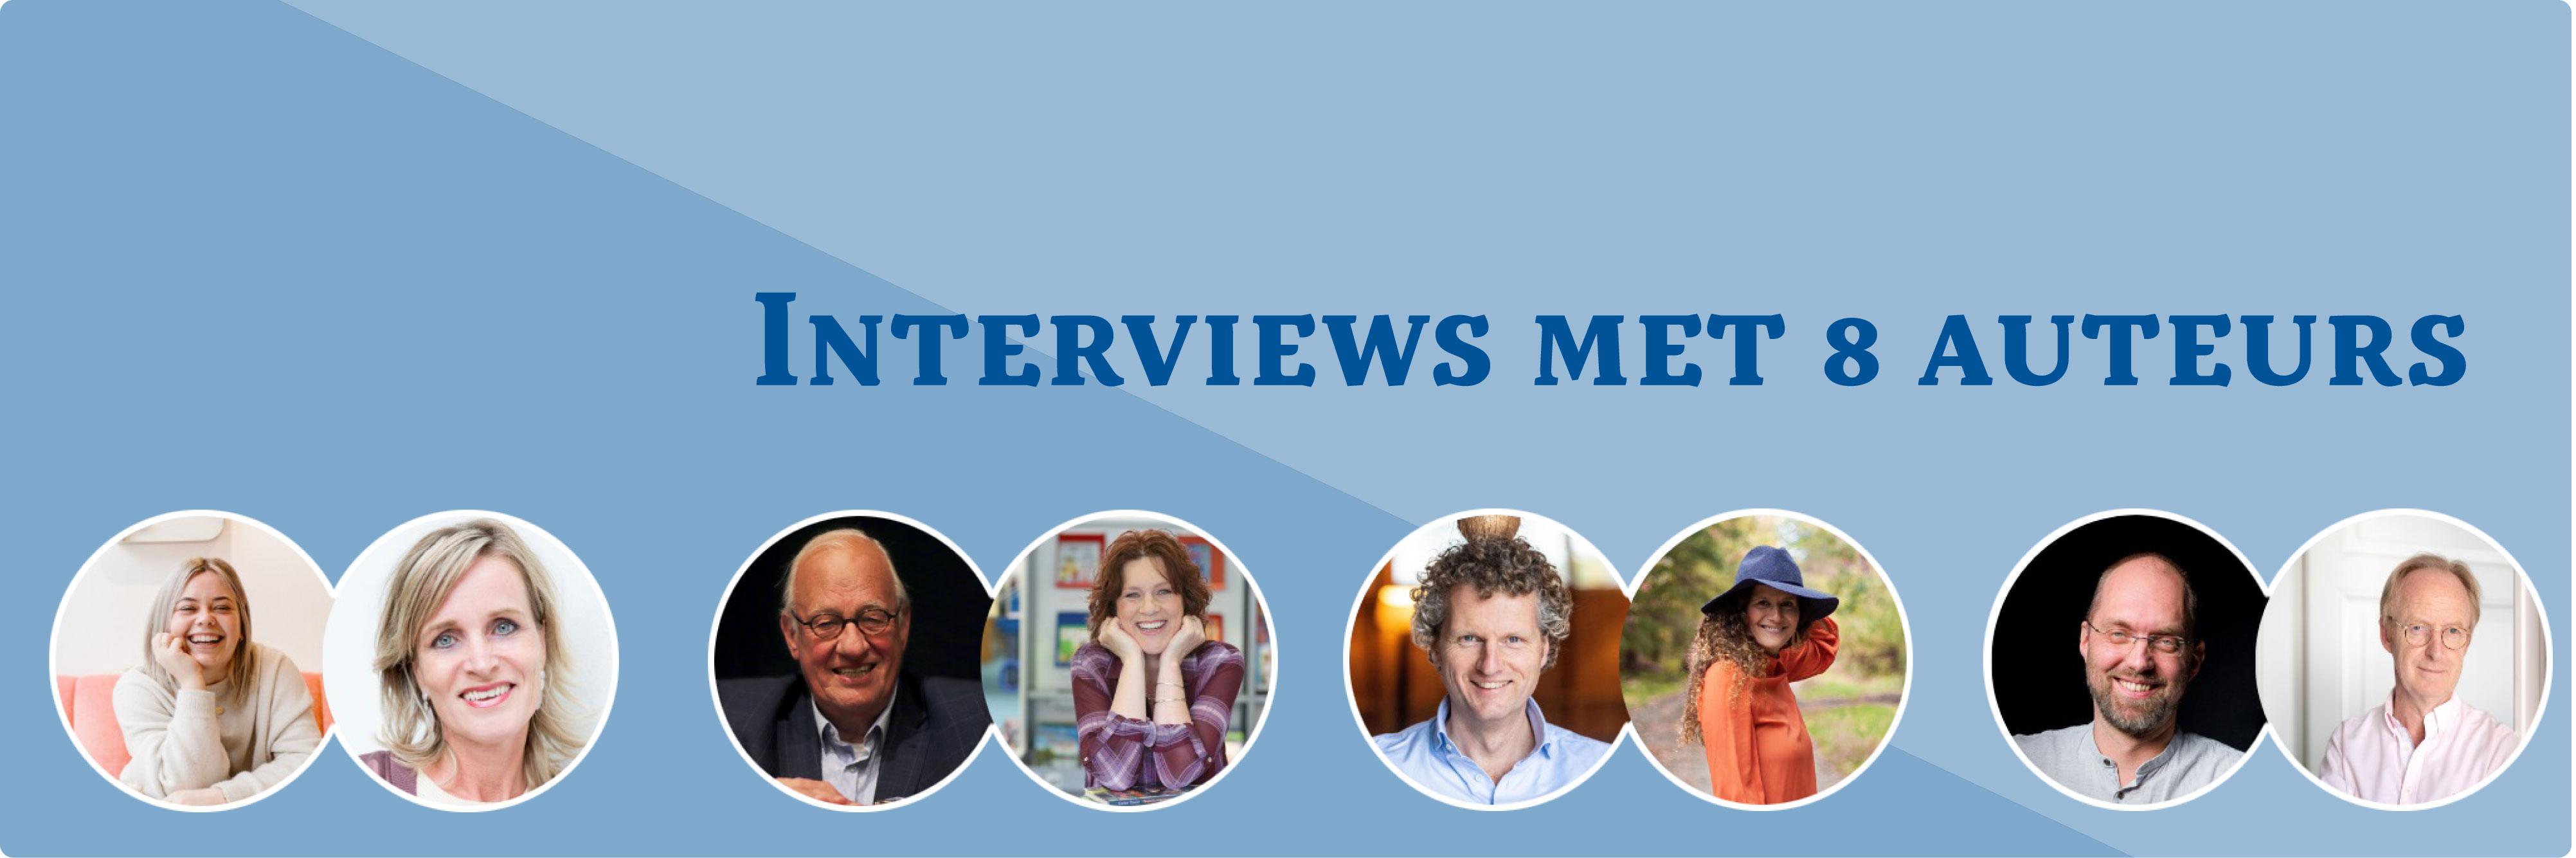 Kijk en Luister mee naar 8 favoriete auteurs